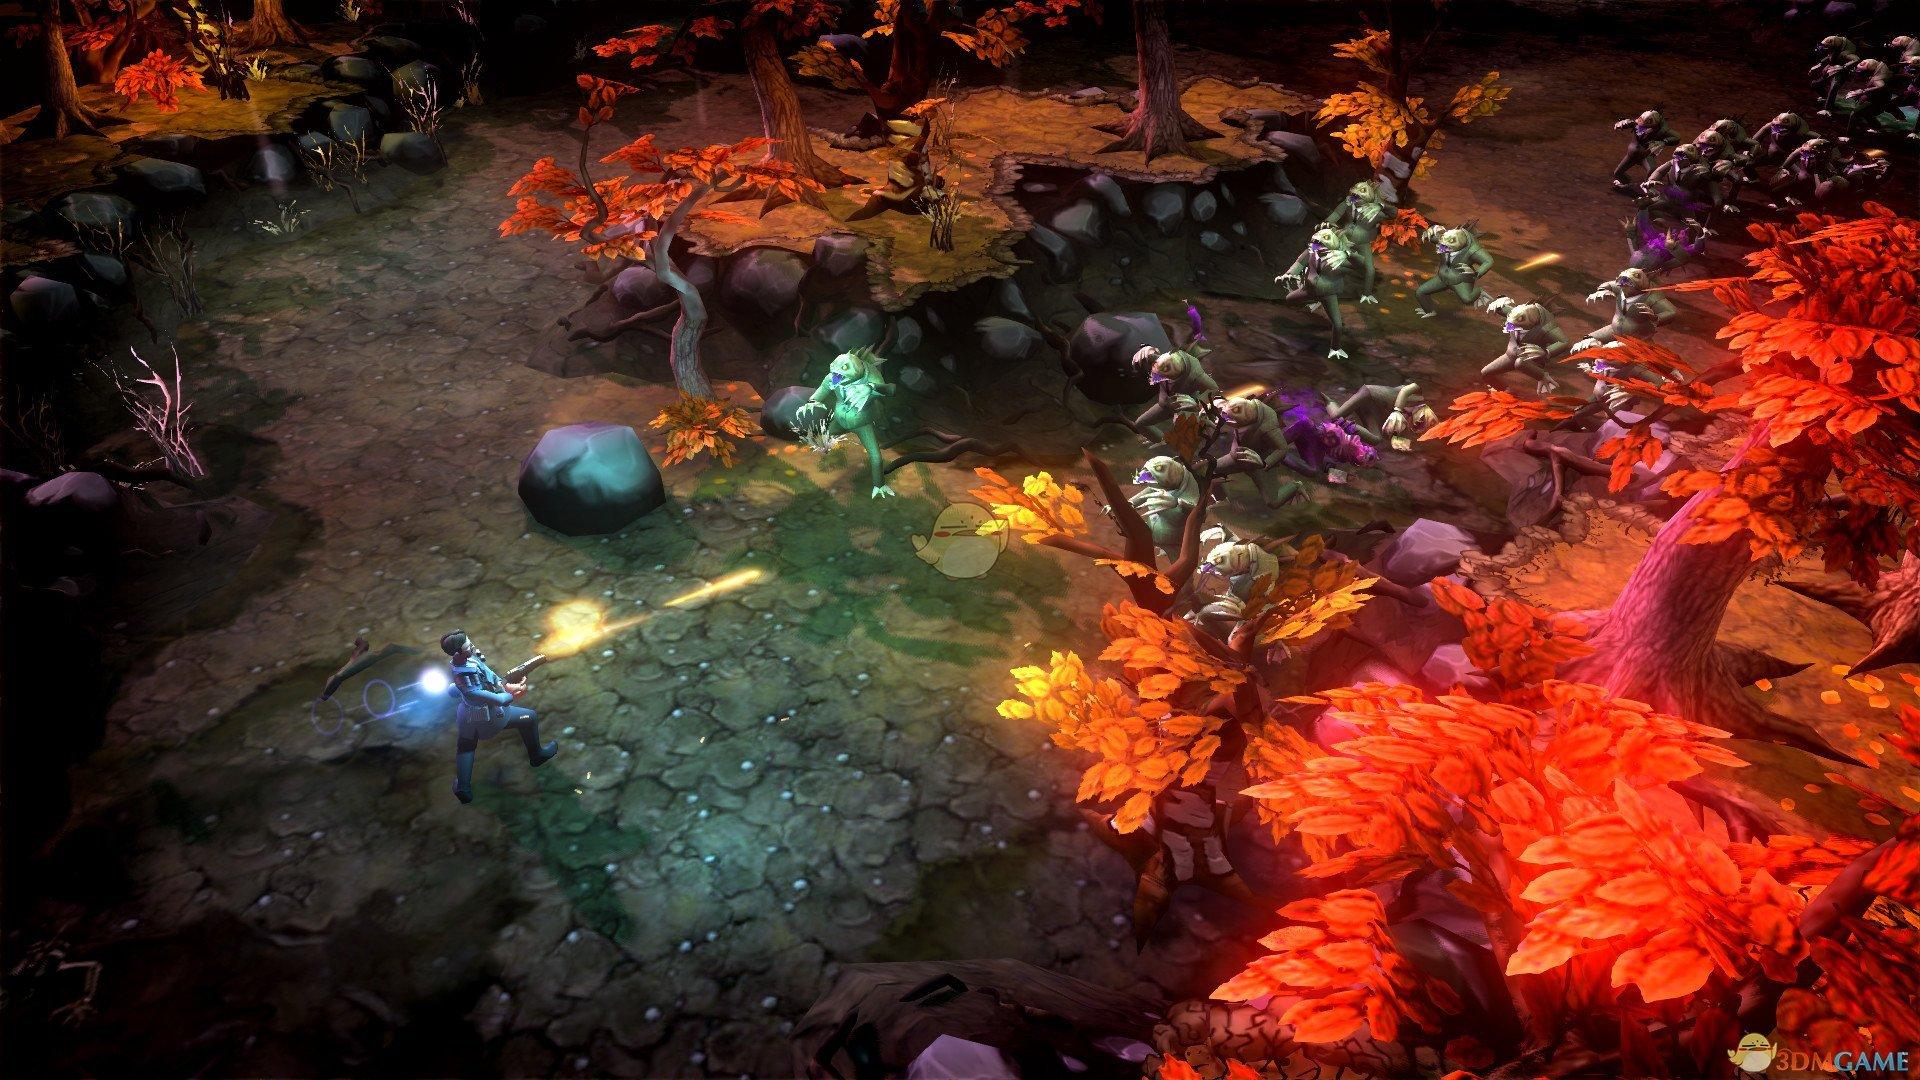 《特斯拉战队》游戏特色内容一览